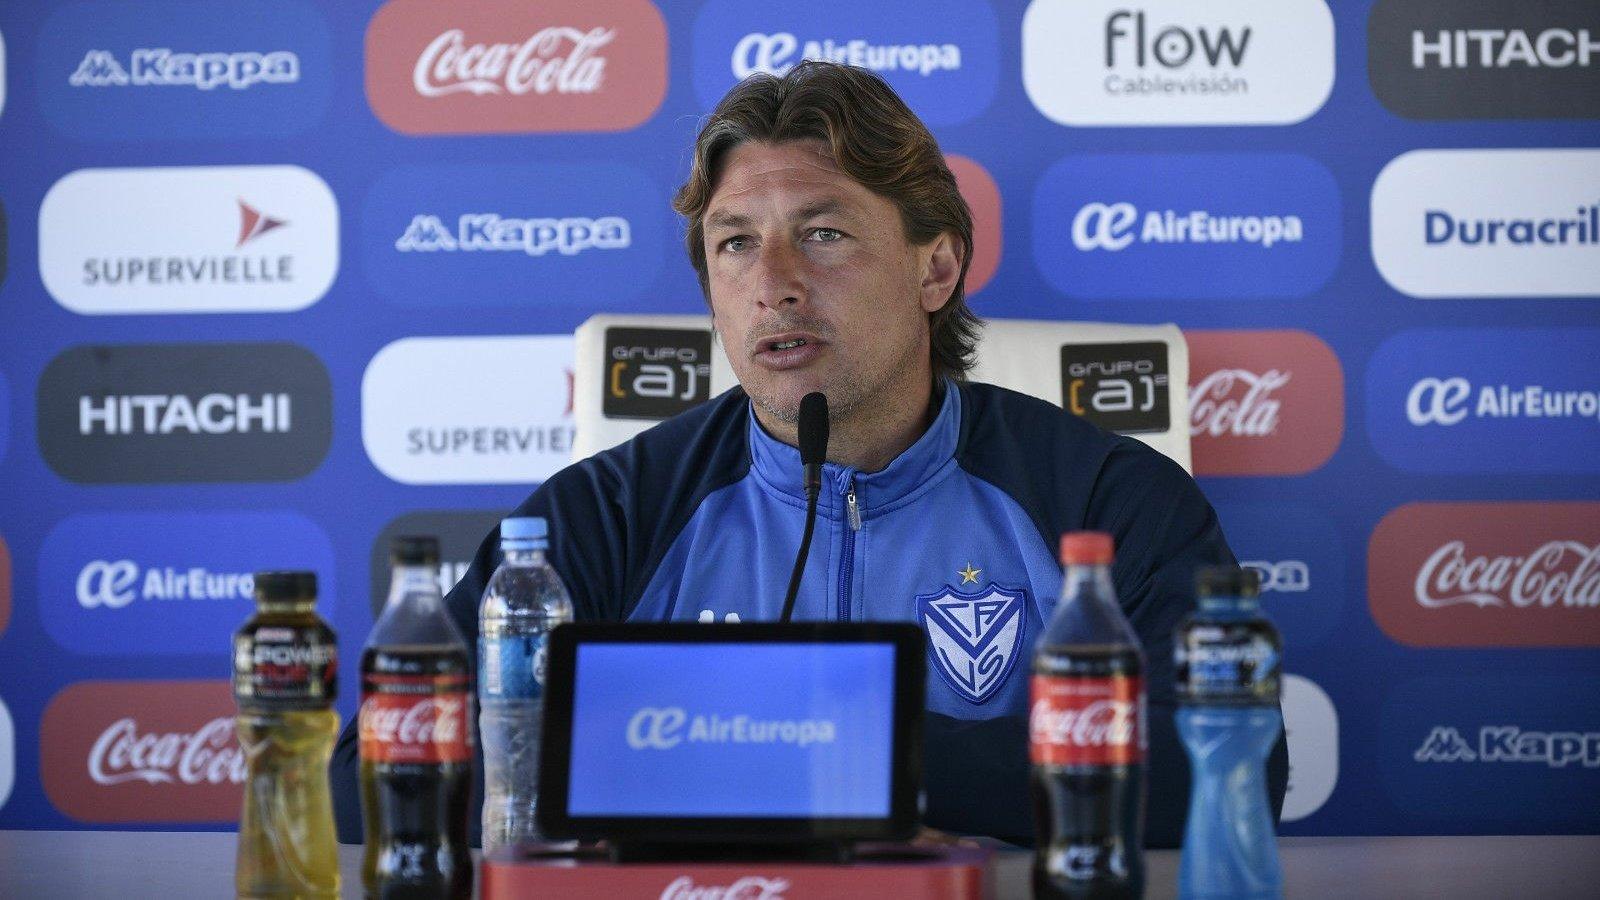 Chivas pone la mira en Gabriel Heinze para repetir la fórmula de Almeyda